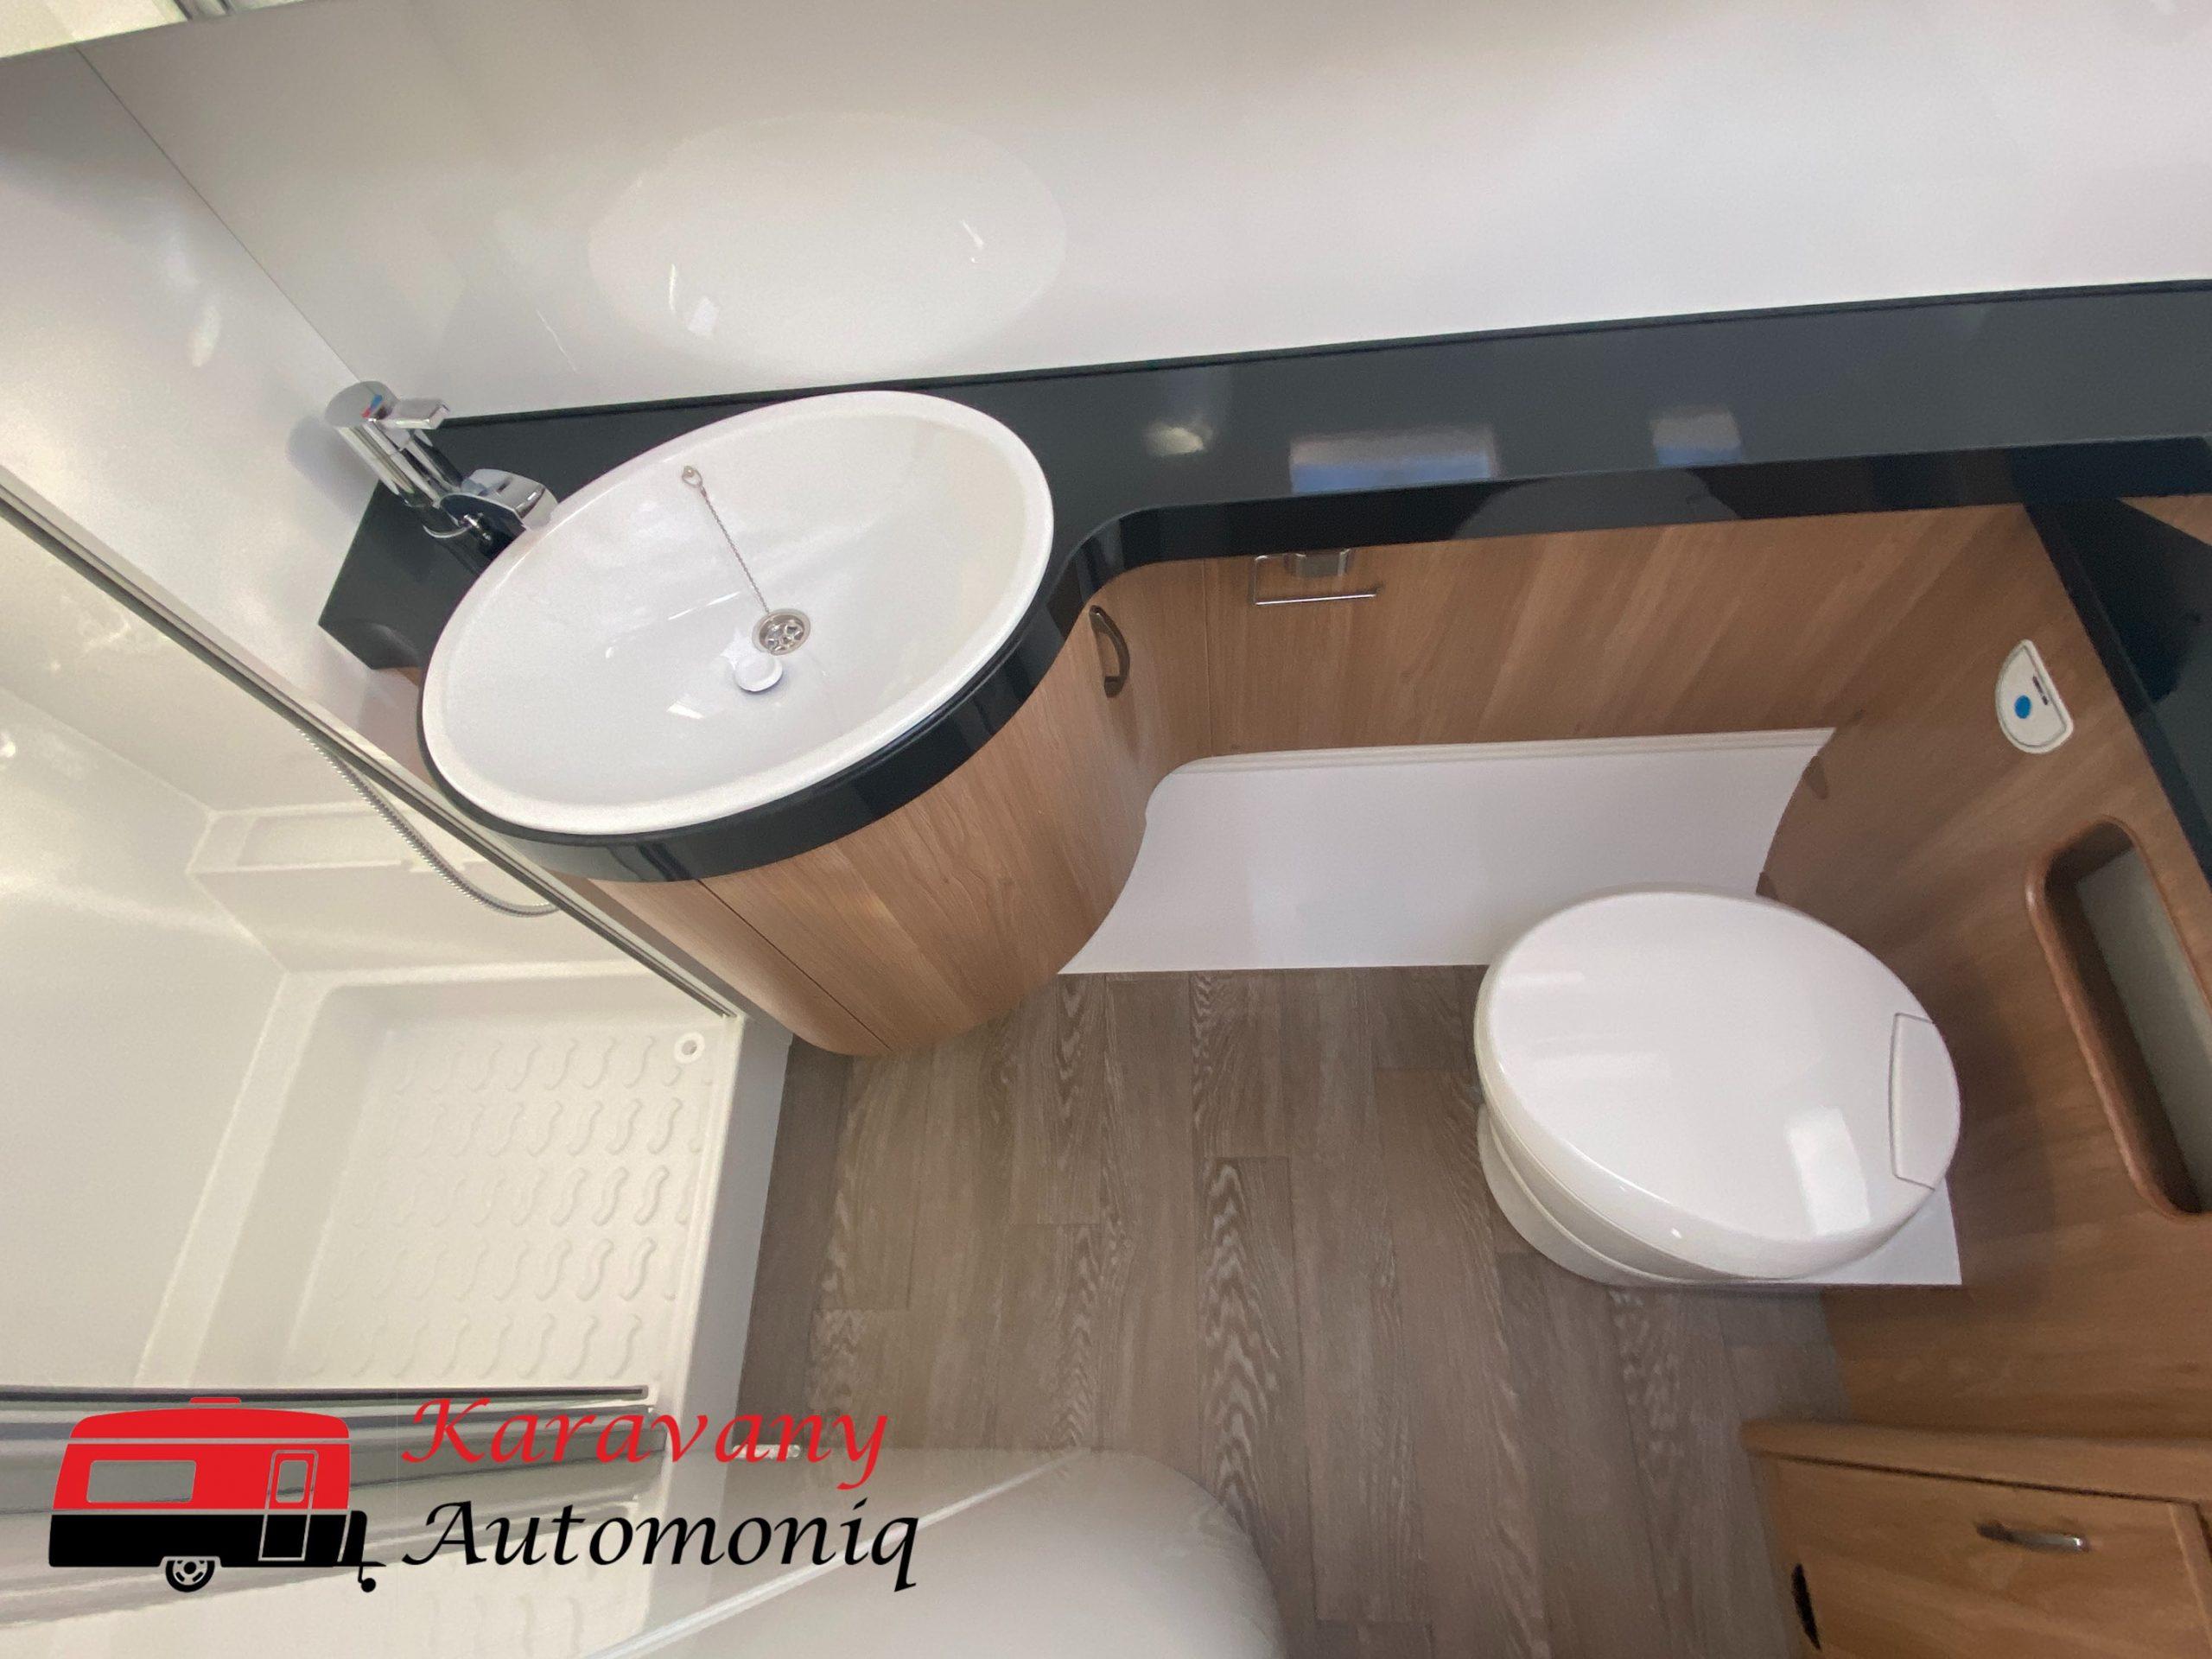 Model 2022 Hobby 495WFB De luxe-Veľká kúpeľňa,francúzska posteľ Image